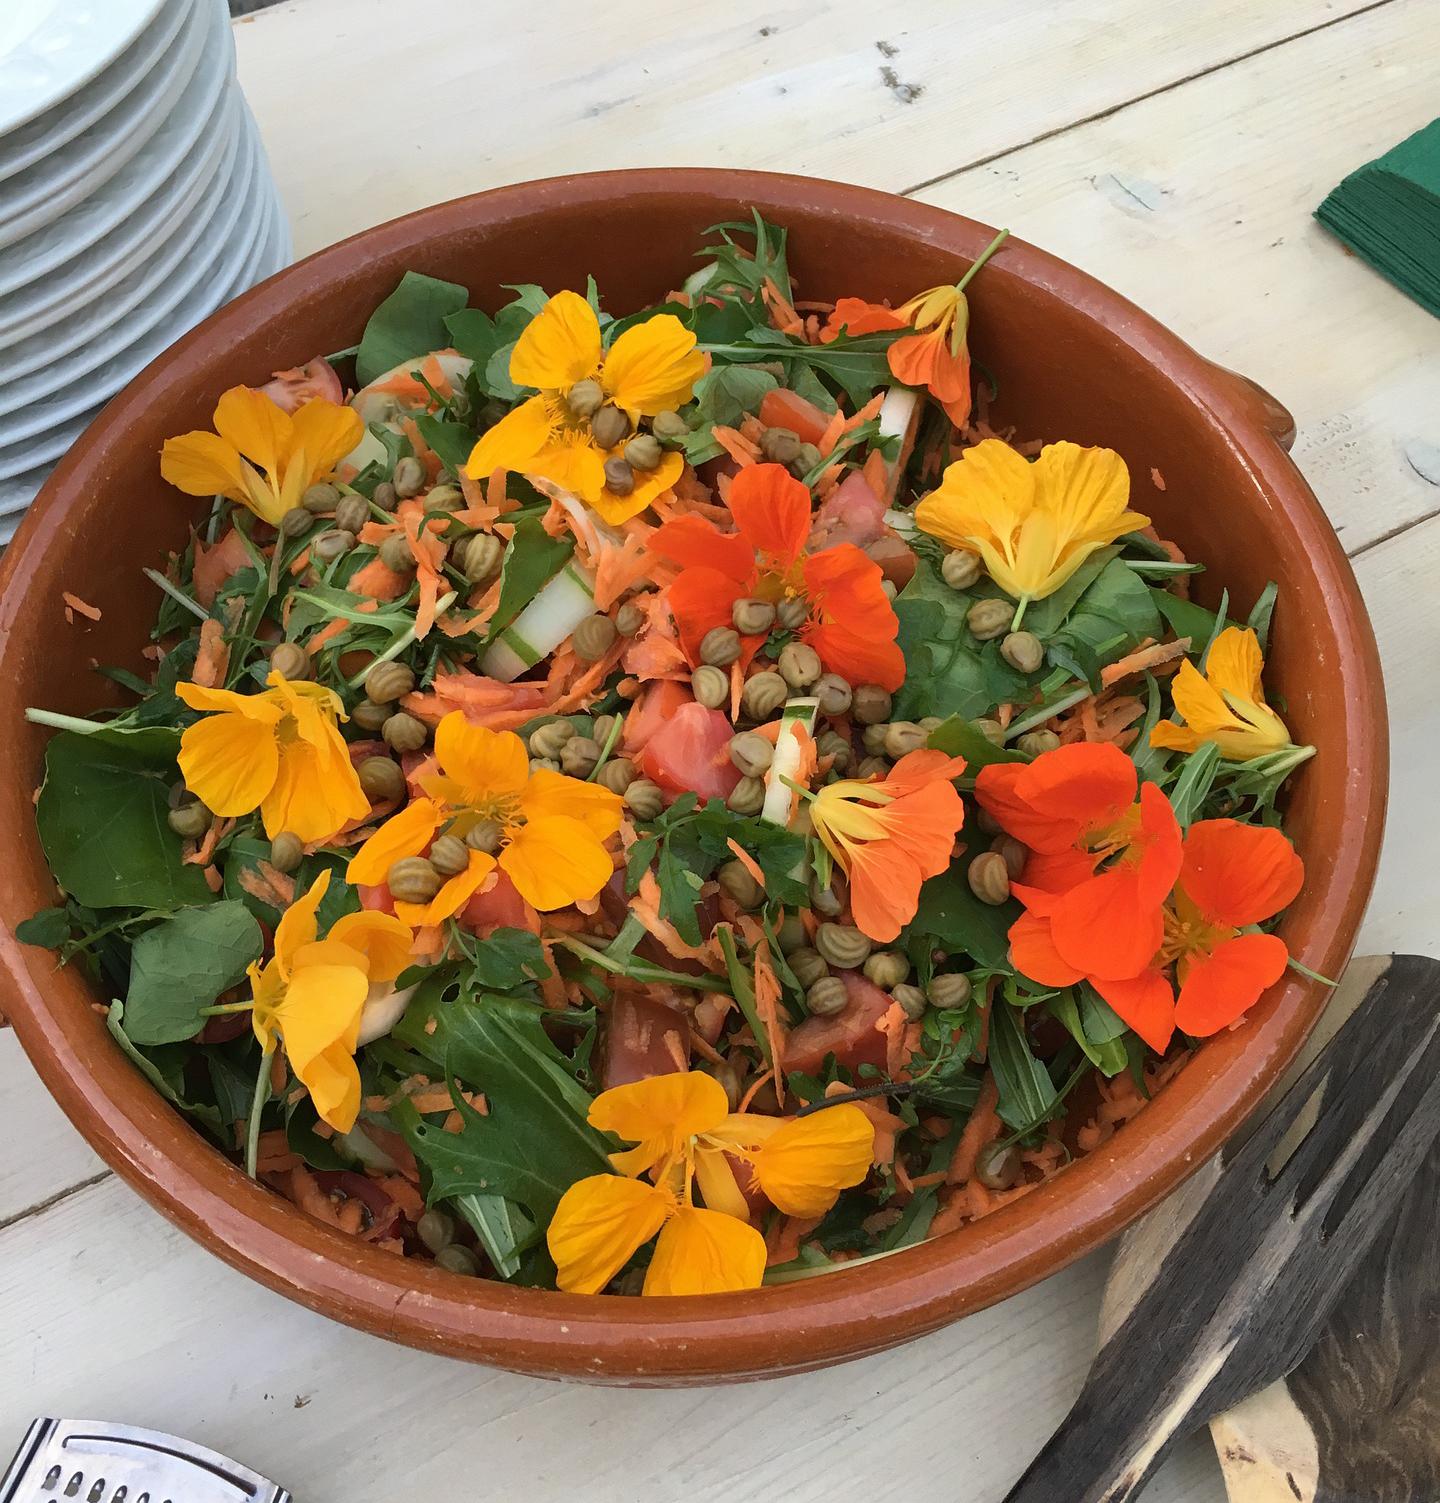 nasturtium salad flowers seeds greens